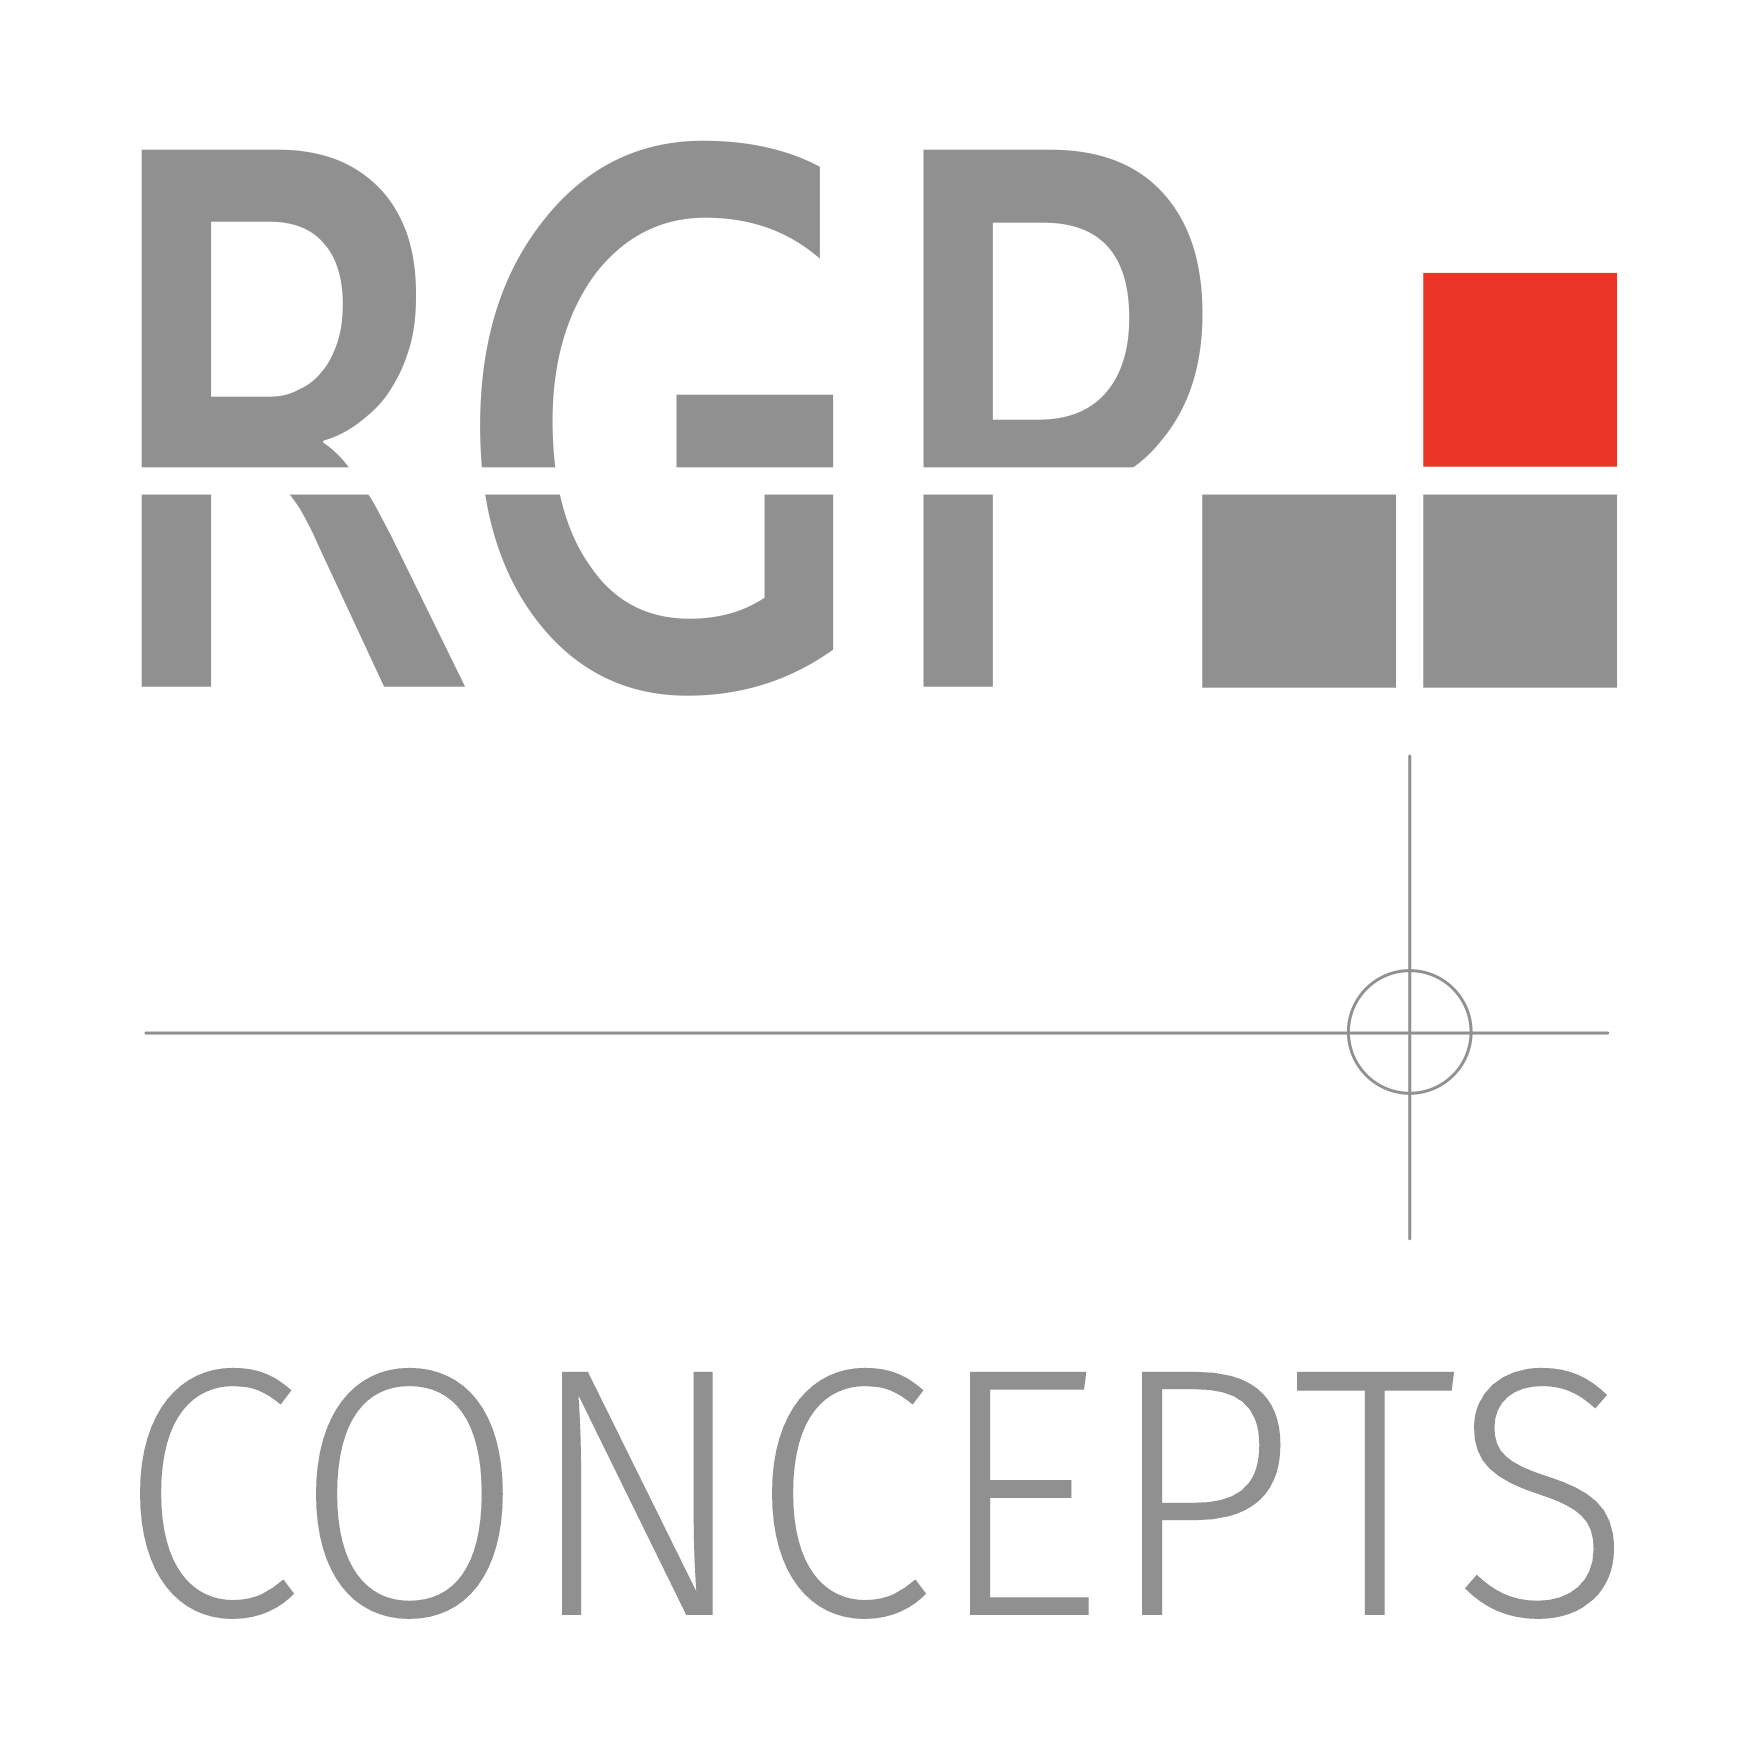 RGP Concepts